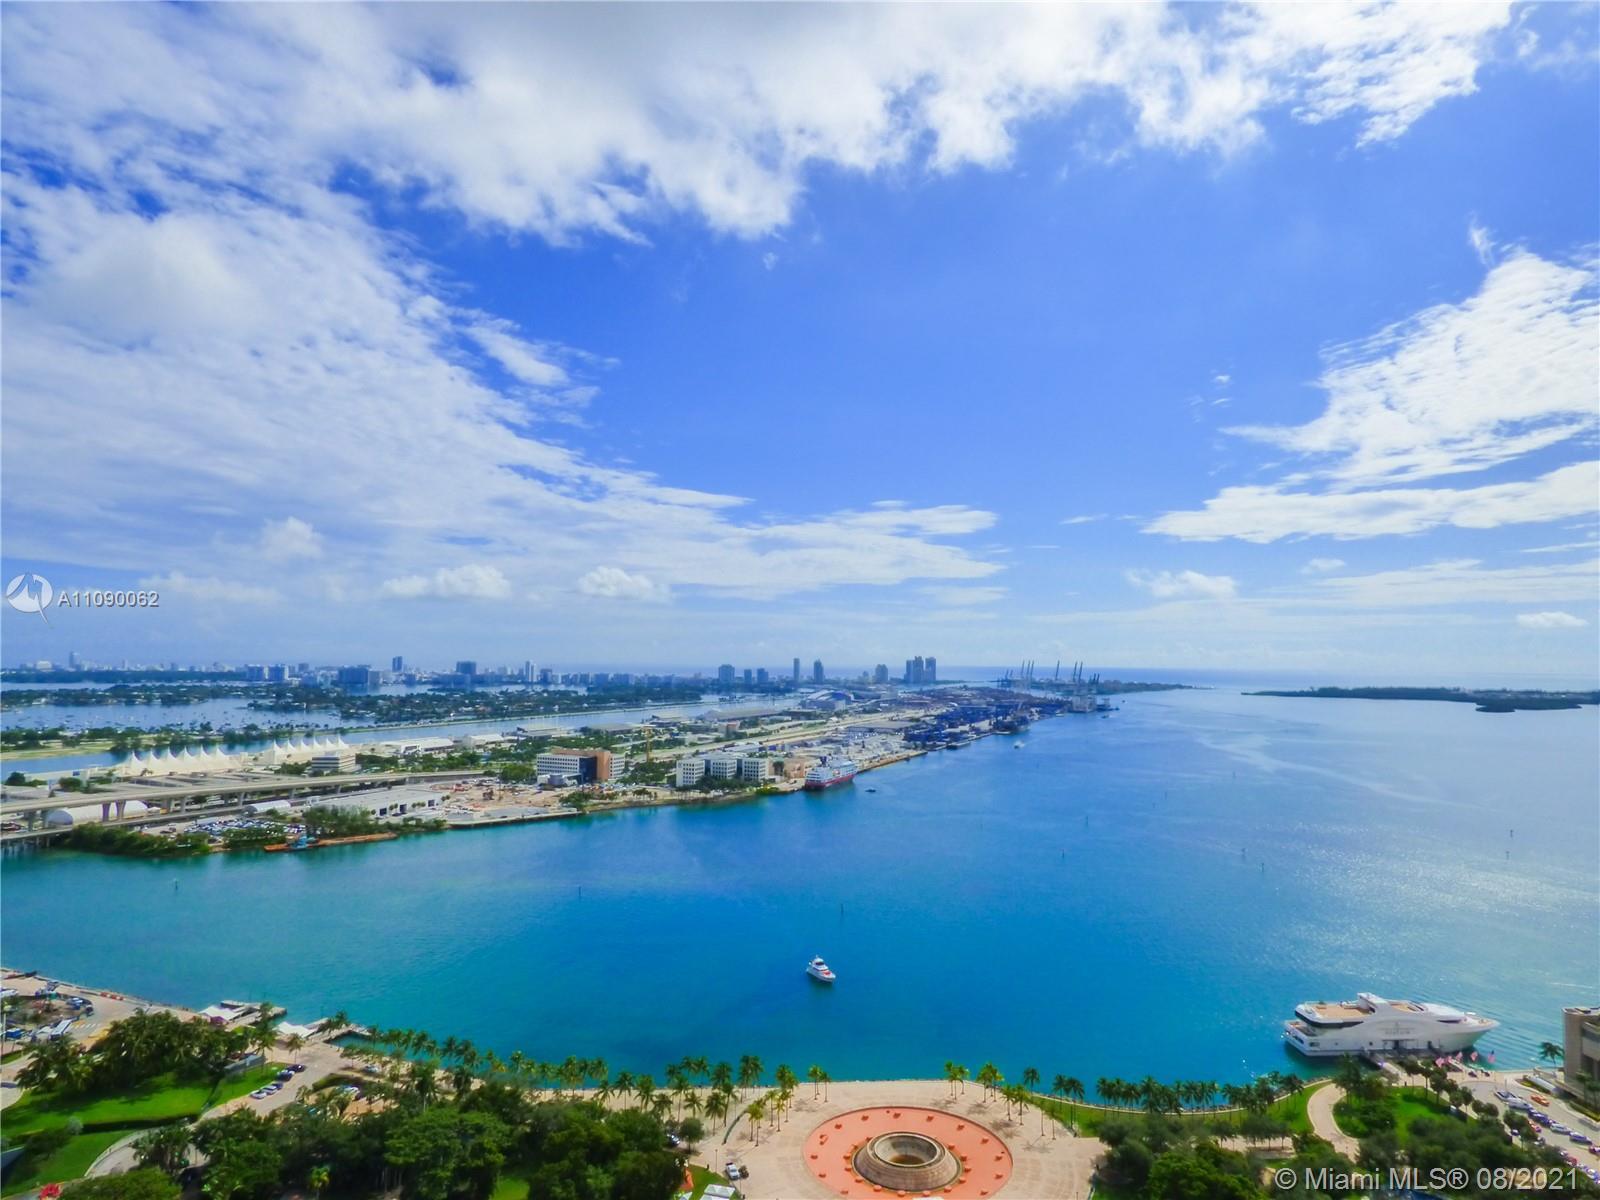 50 Biscayne #4208 - 50 Biscayne Blvd #4208, Miami, FL 33132